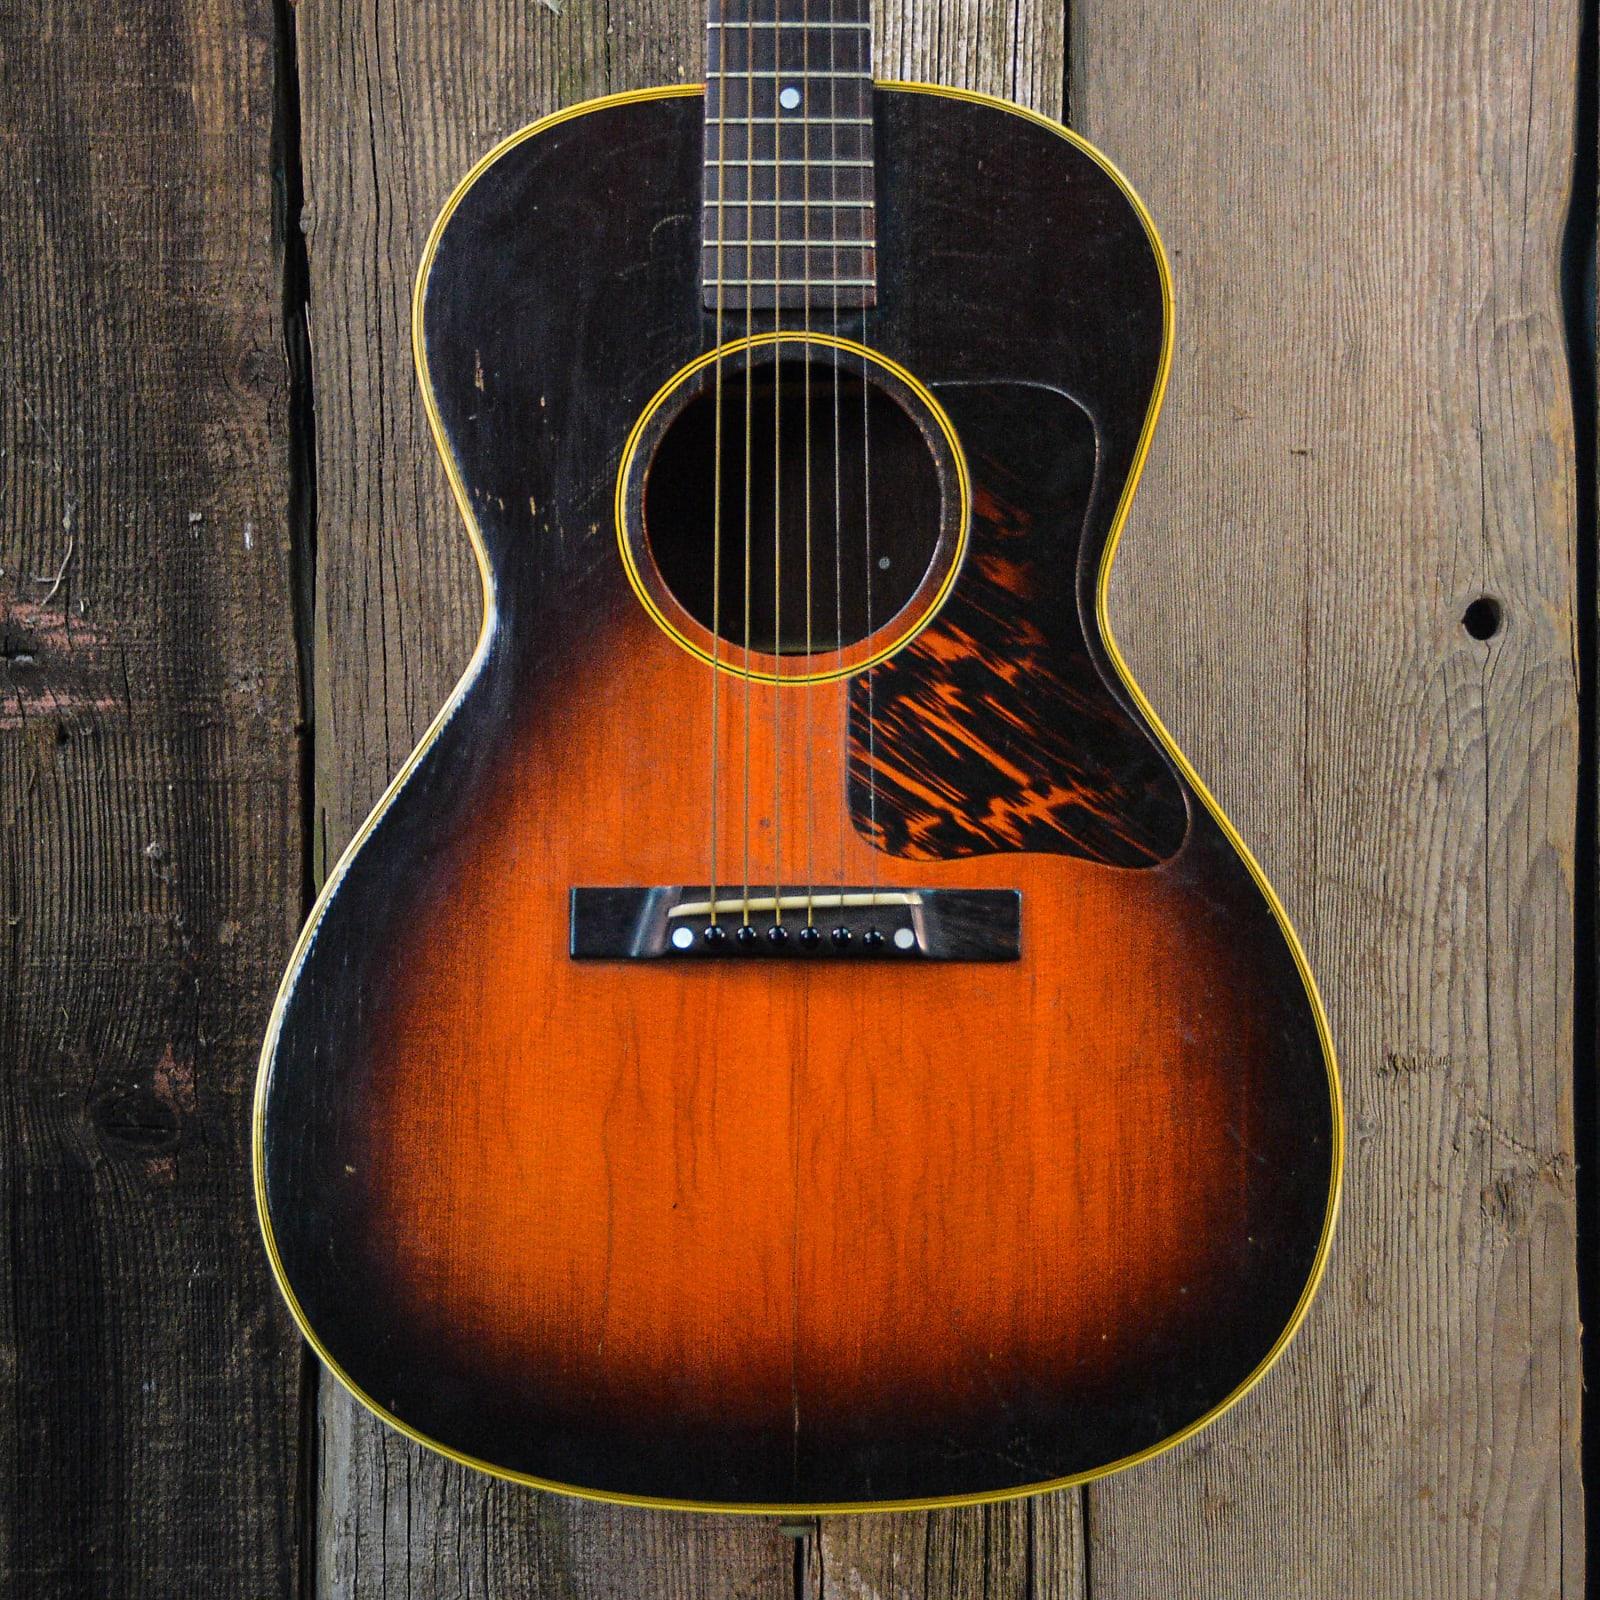 Gibson 1942 L-00 Vintage Acoustic Guitar Sunburst